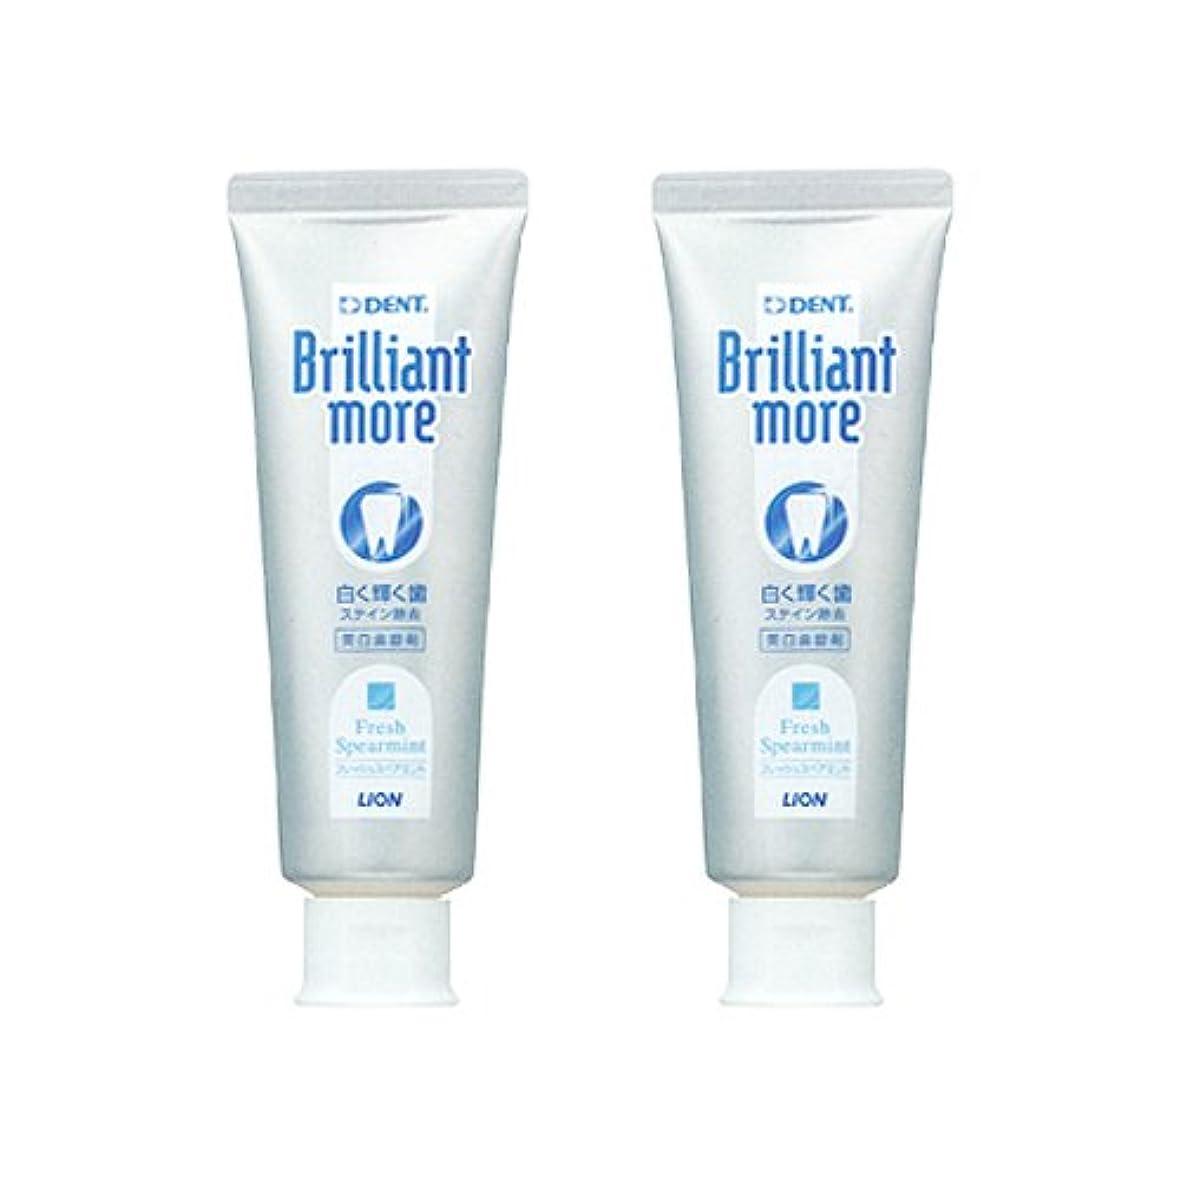 ピザつば省略ブリリアントモア 歯科用 美白歯磨剤 90g × 2本 フレッシュスペアミント (フレッシュスペアミント)